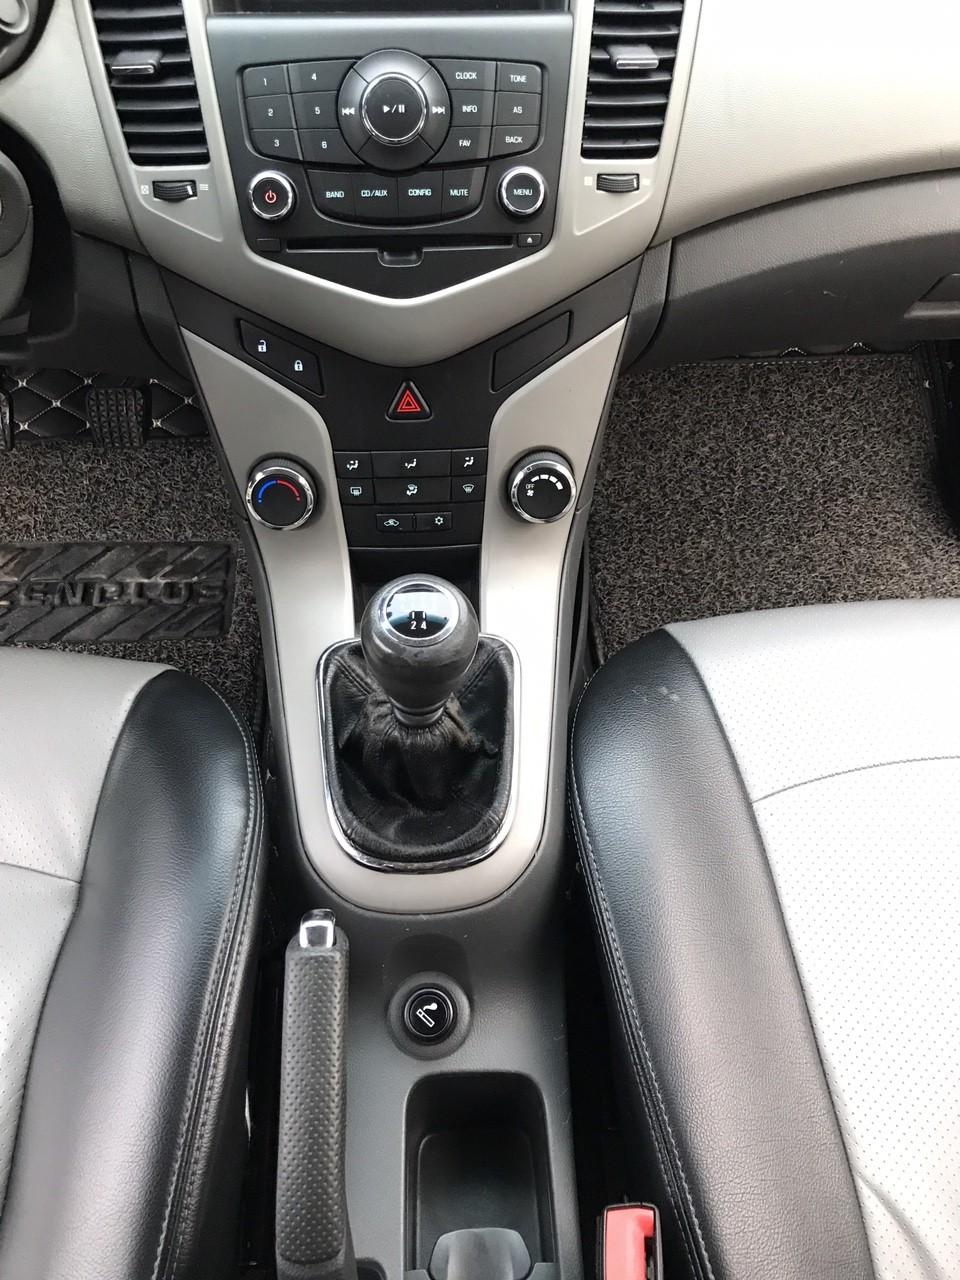 Cần bán lại xe Daewoo Lacetti SE 2009, màu bạc, nhập khẩu chính hãng, giá chỉ 300 triệu